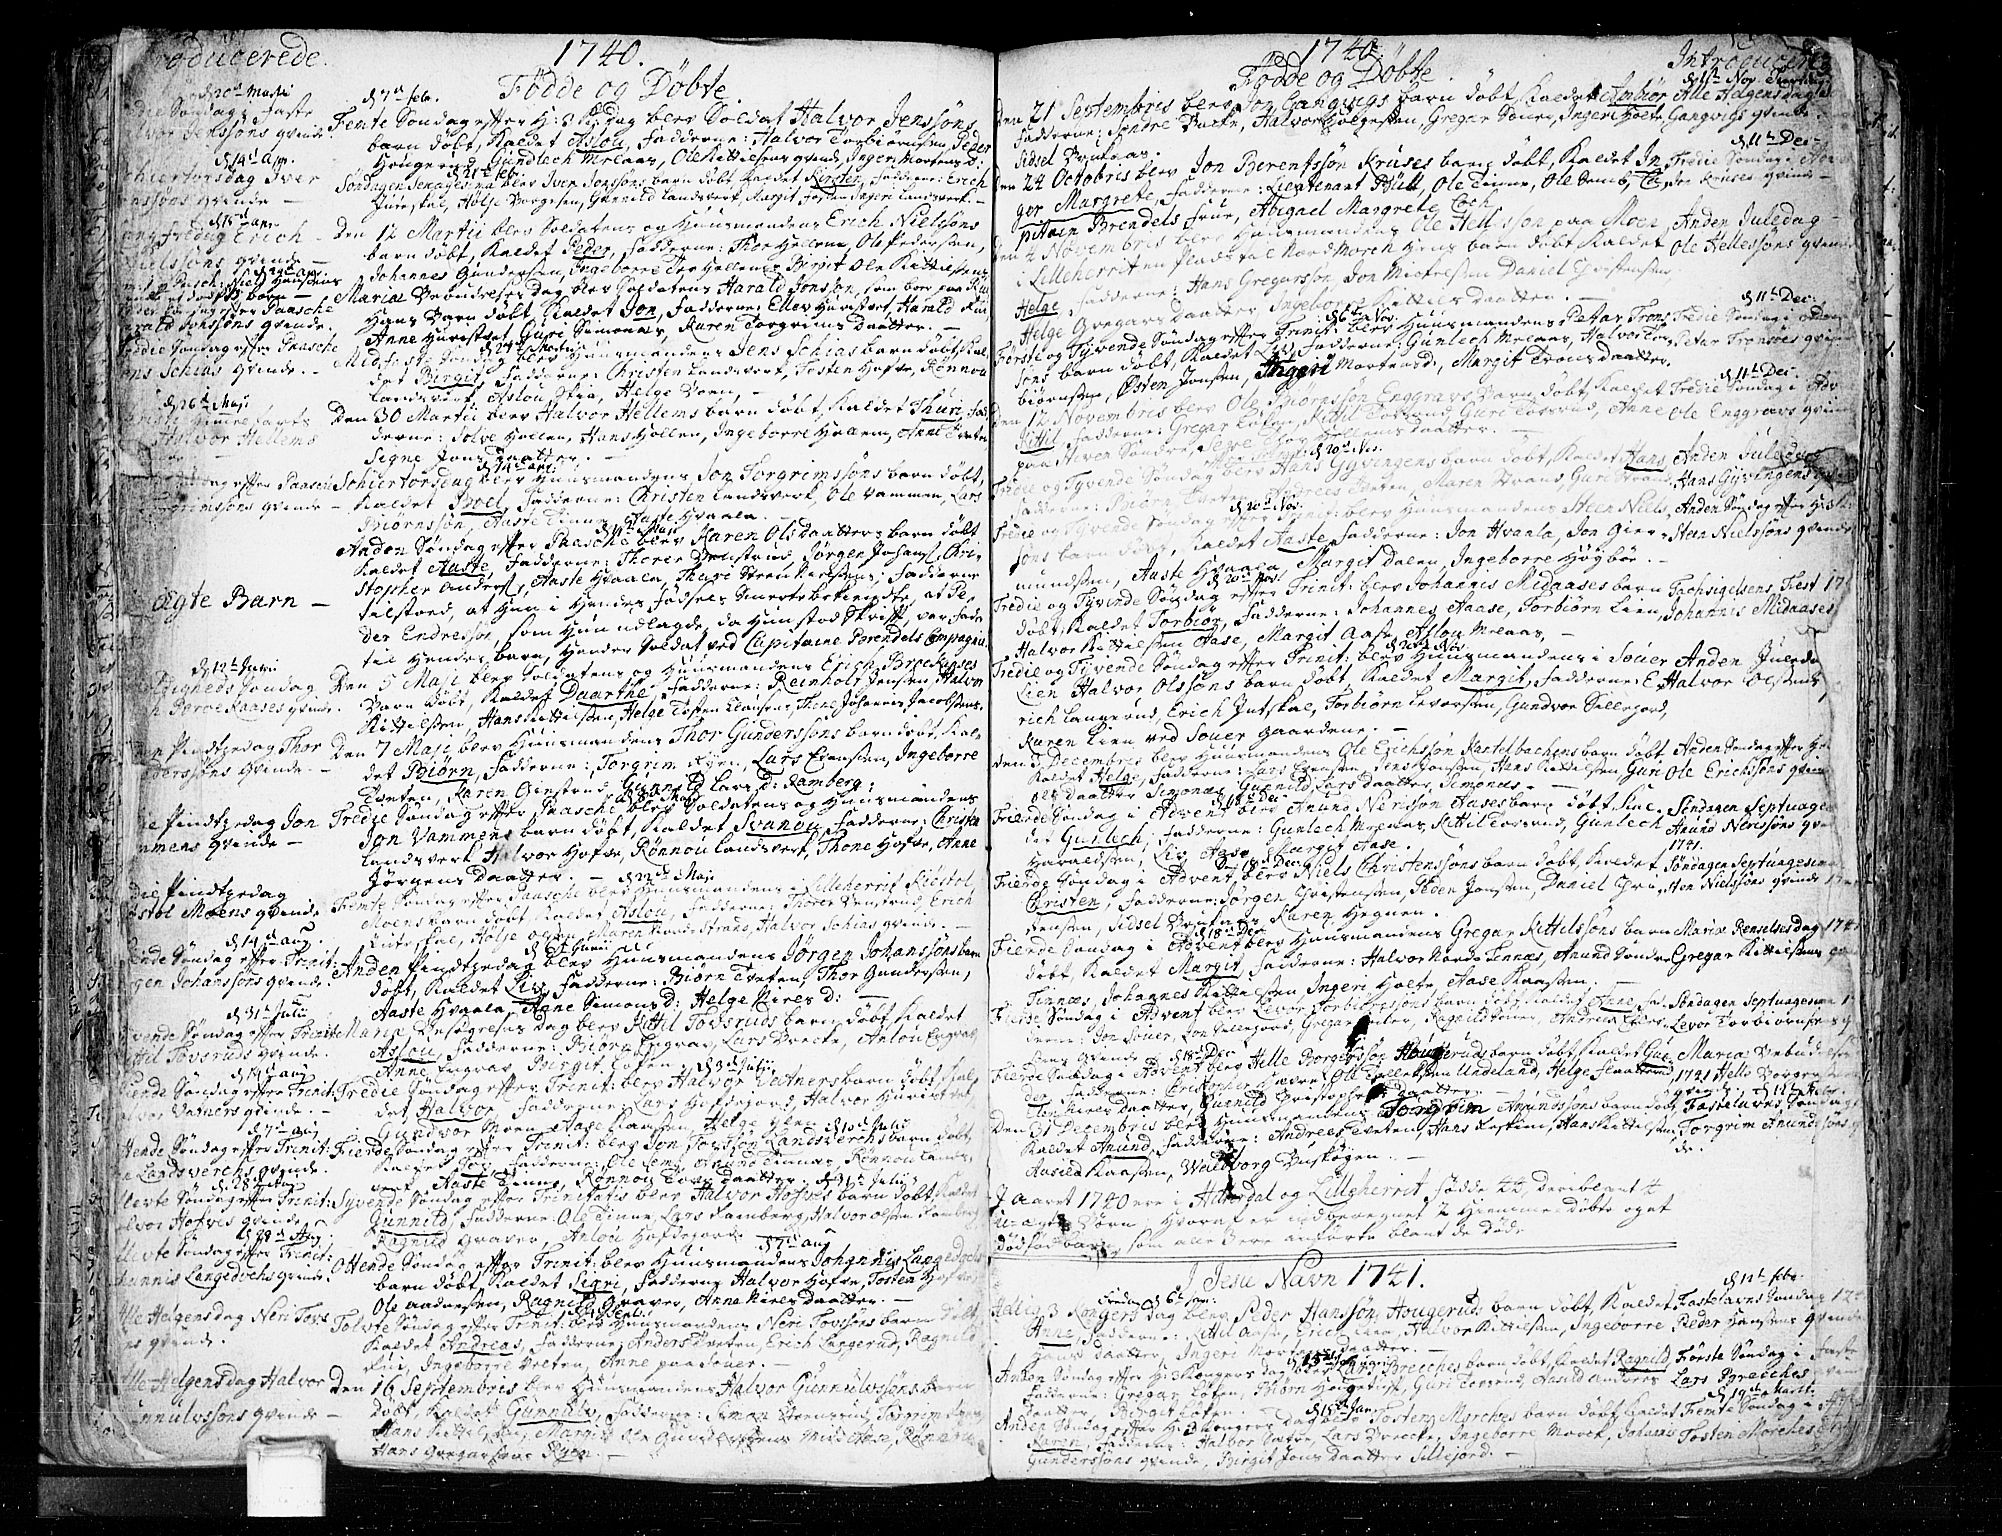 SAKO, Heddal kirkebøker, F/Fa/L0003: Ministerialbok nr. I 3, 1723-1783, s. 73